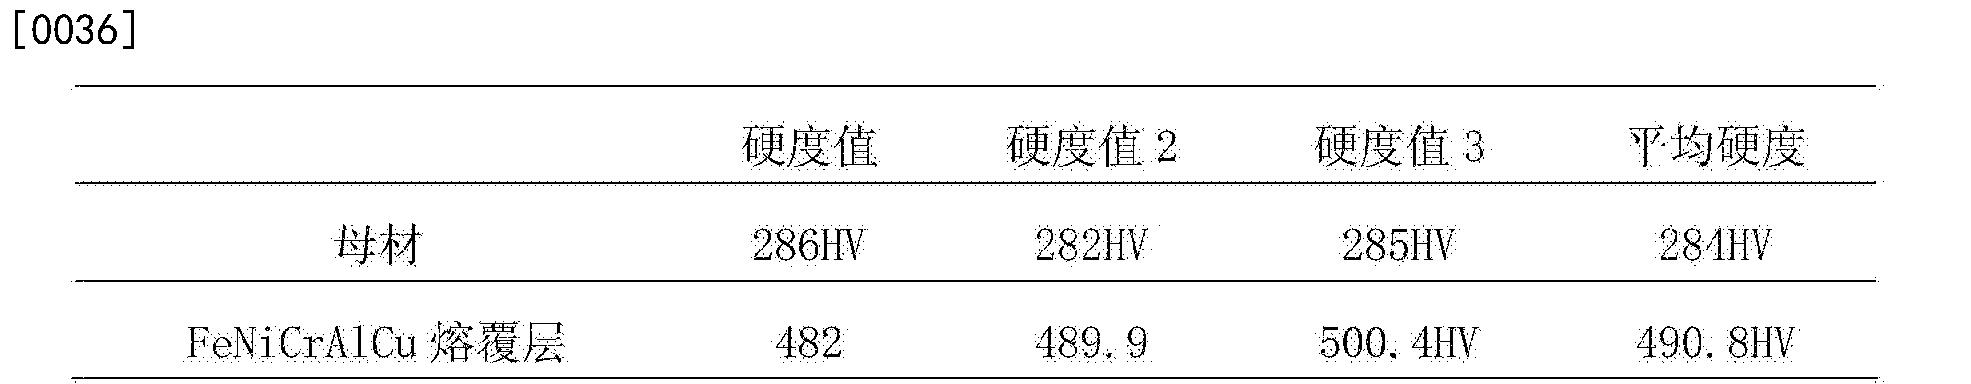 Figure CN104141127BD00052